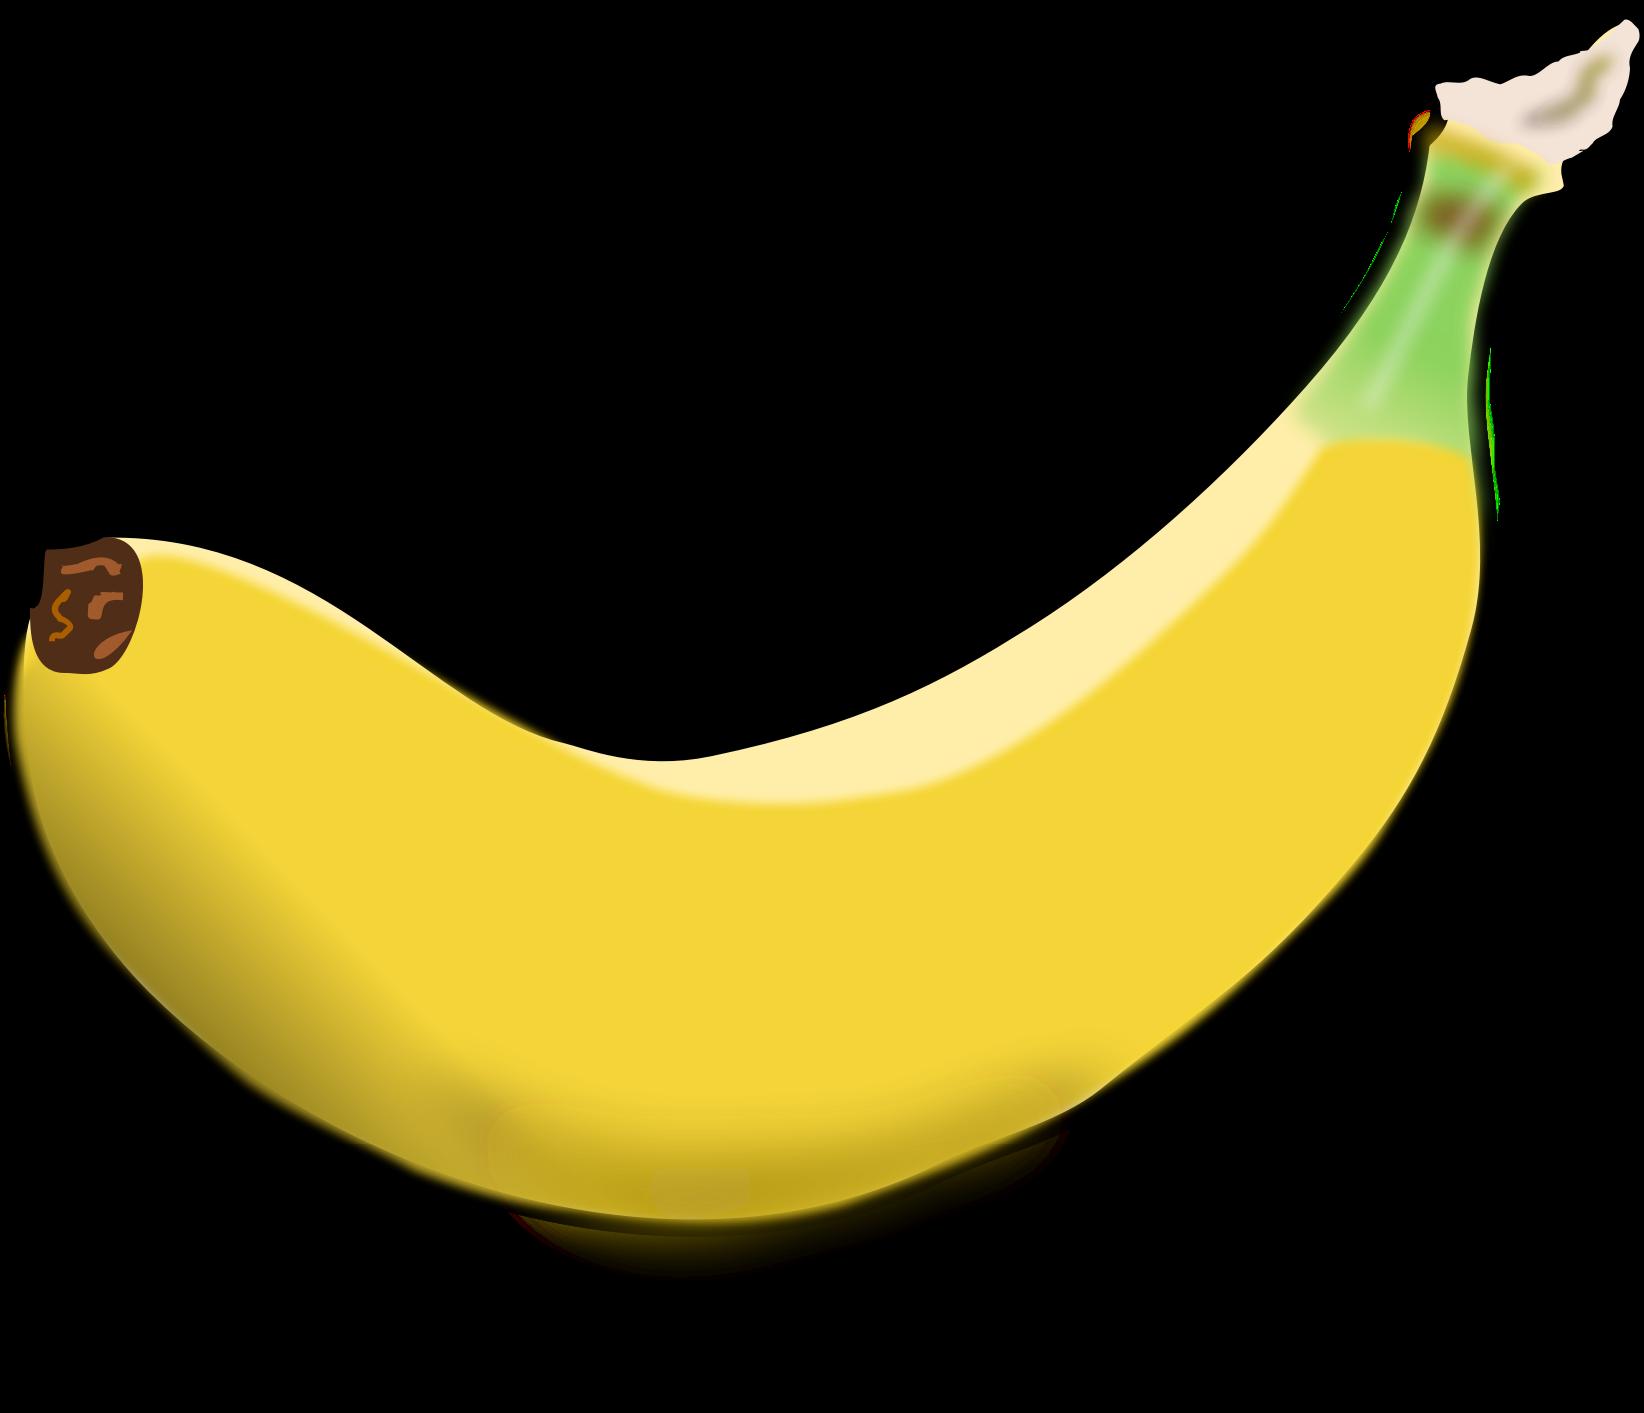 clip library stock Top drawing . Bananas clipart 2 banana